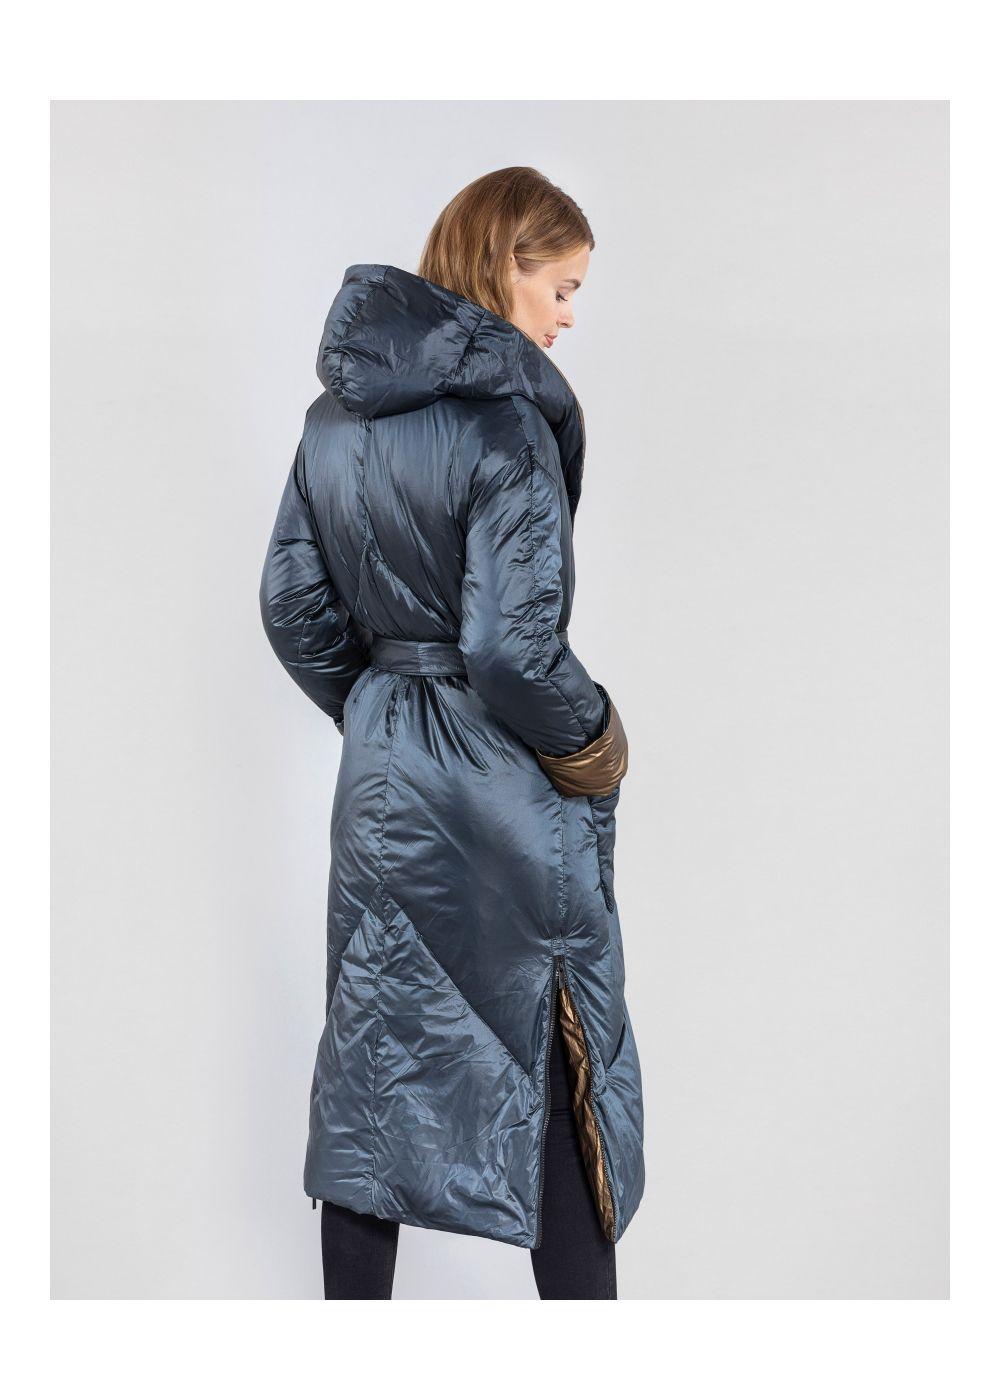 Granatowa kurtka damska z kapturem KURDT-0257-99(Z20)